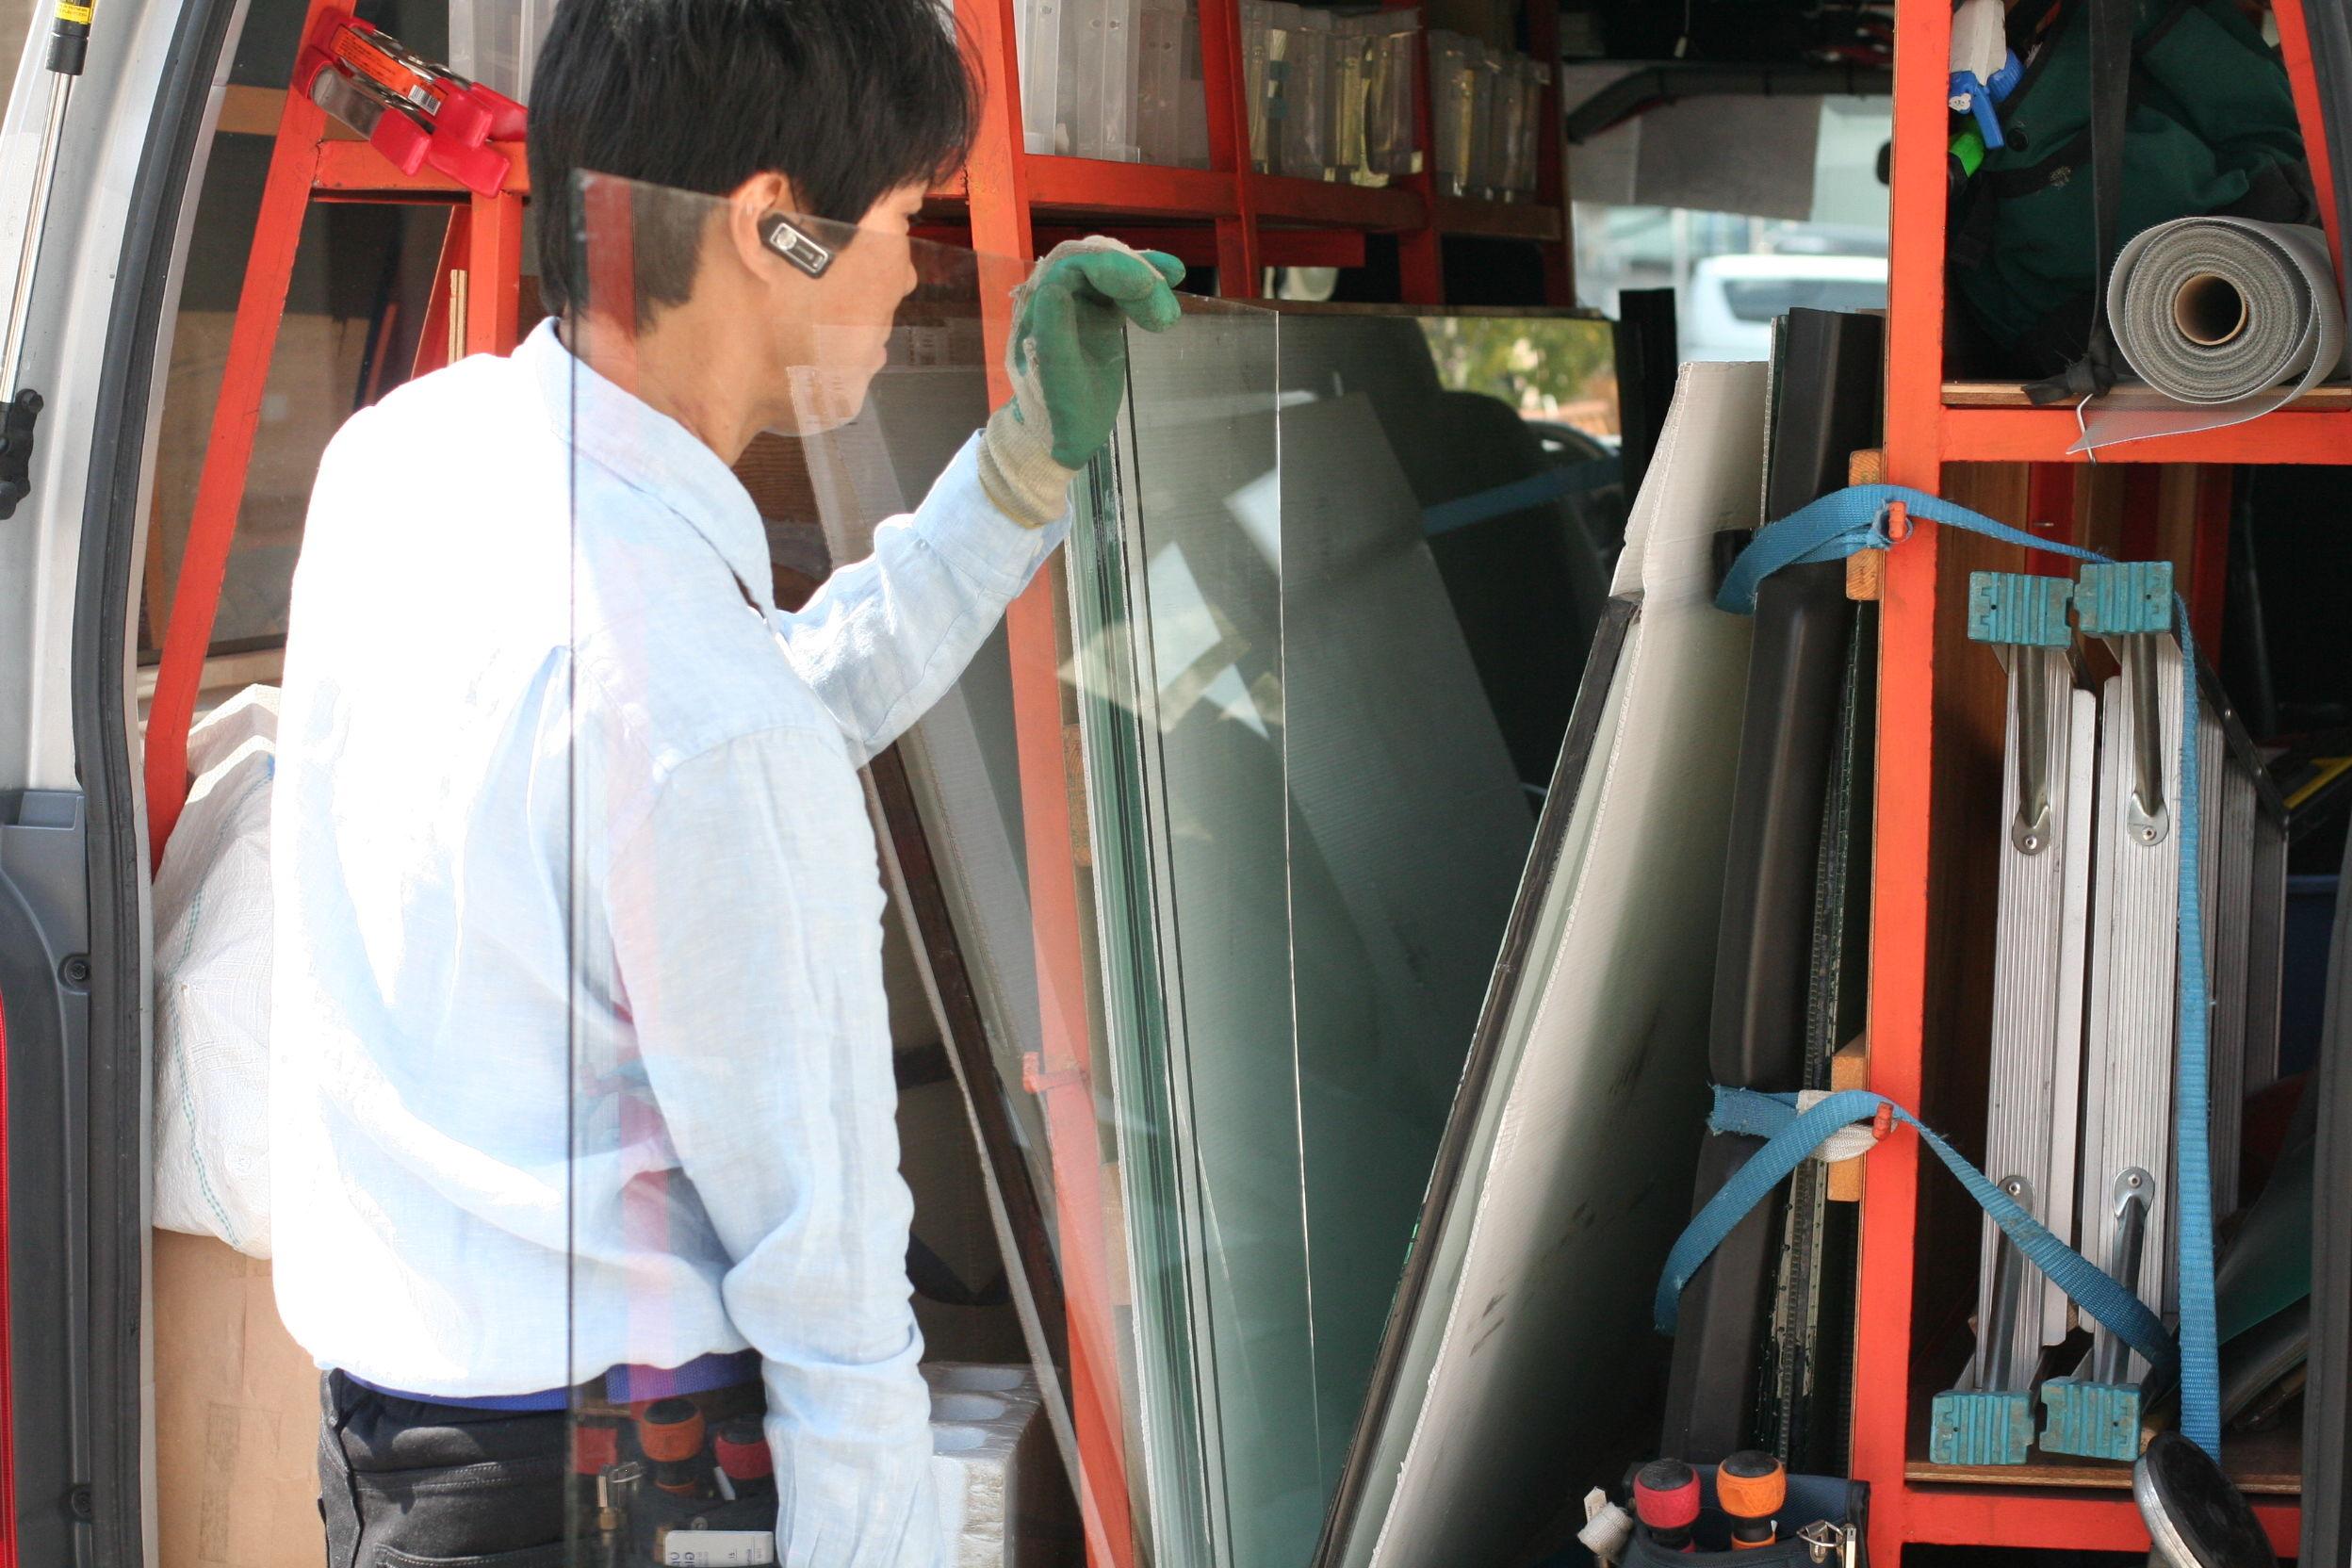 ガラスのトラブル救Q隊.24【加古郡播磨町 出張エリア】のメイン画像